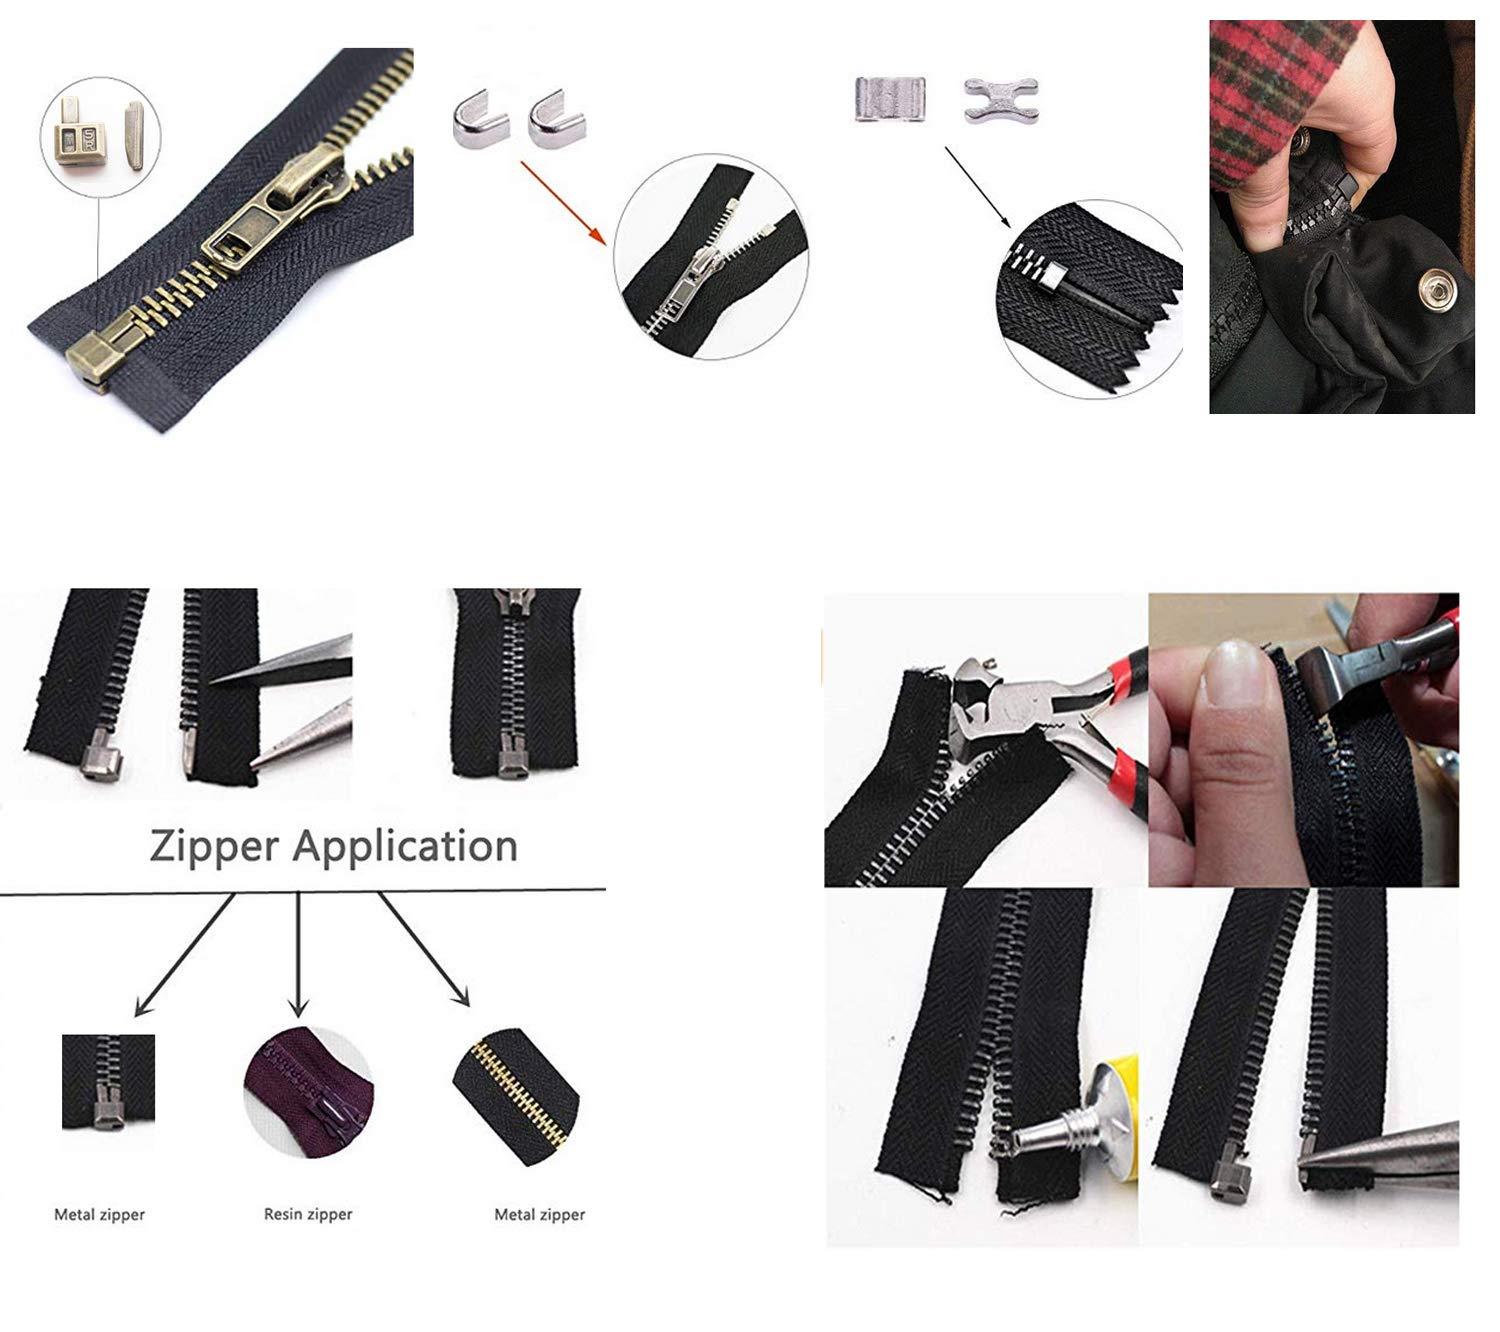 Kit di Riparazione Argento MYIW 20 Pezzi # 5 Chiusura Lampo in Testa Box cursori Cerniera Fermo Inserimento Pin Facile per Riparazione con Cerniera